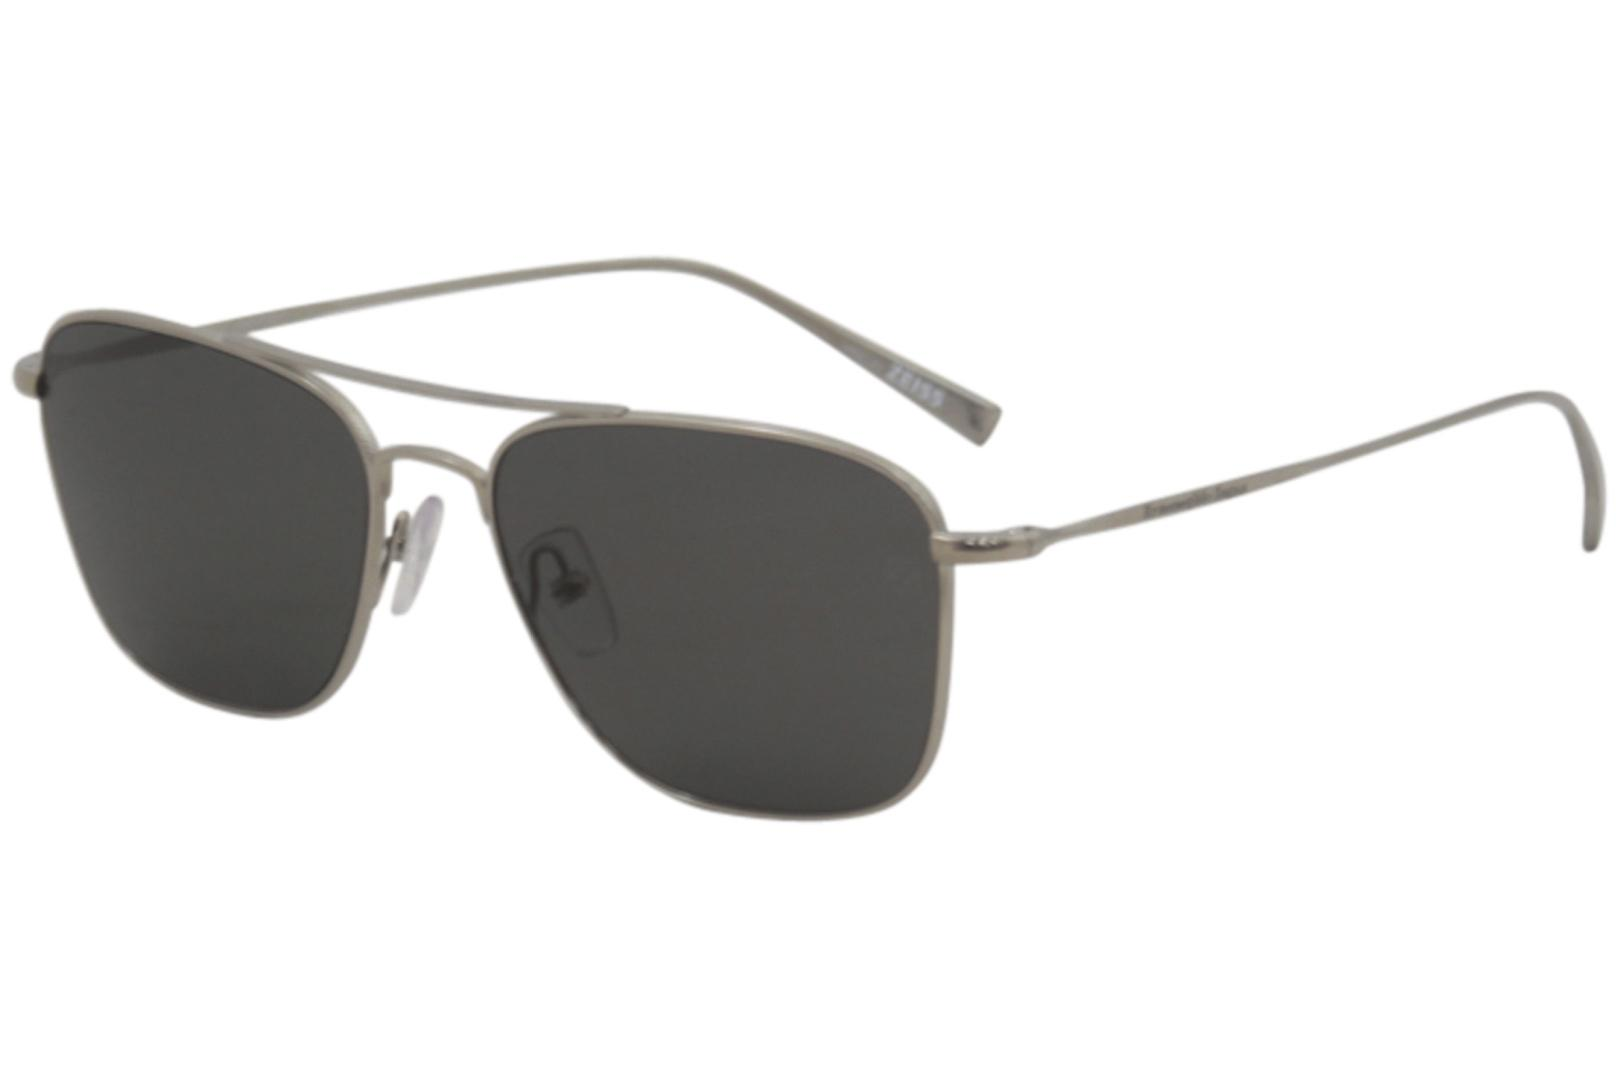 75823491d62 Ermenegildo Zegna Men s EZ0032 EZ 0032 Fashion Pilot Sunglasses by  Ermenegildo Zegna. Touch to zoom